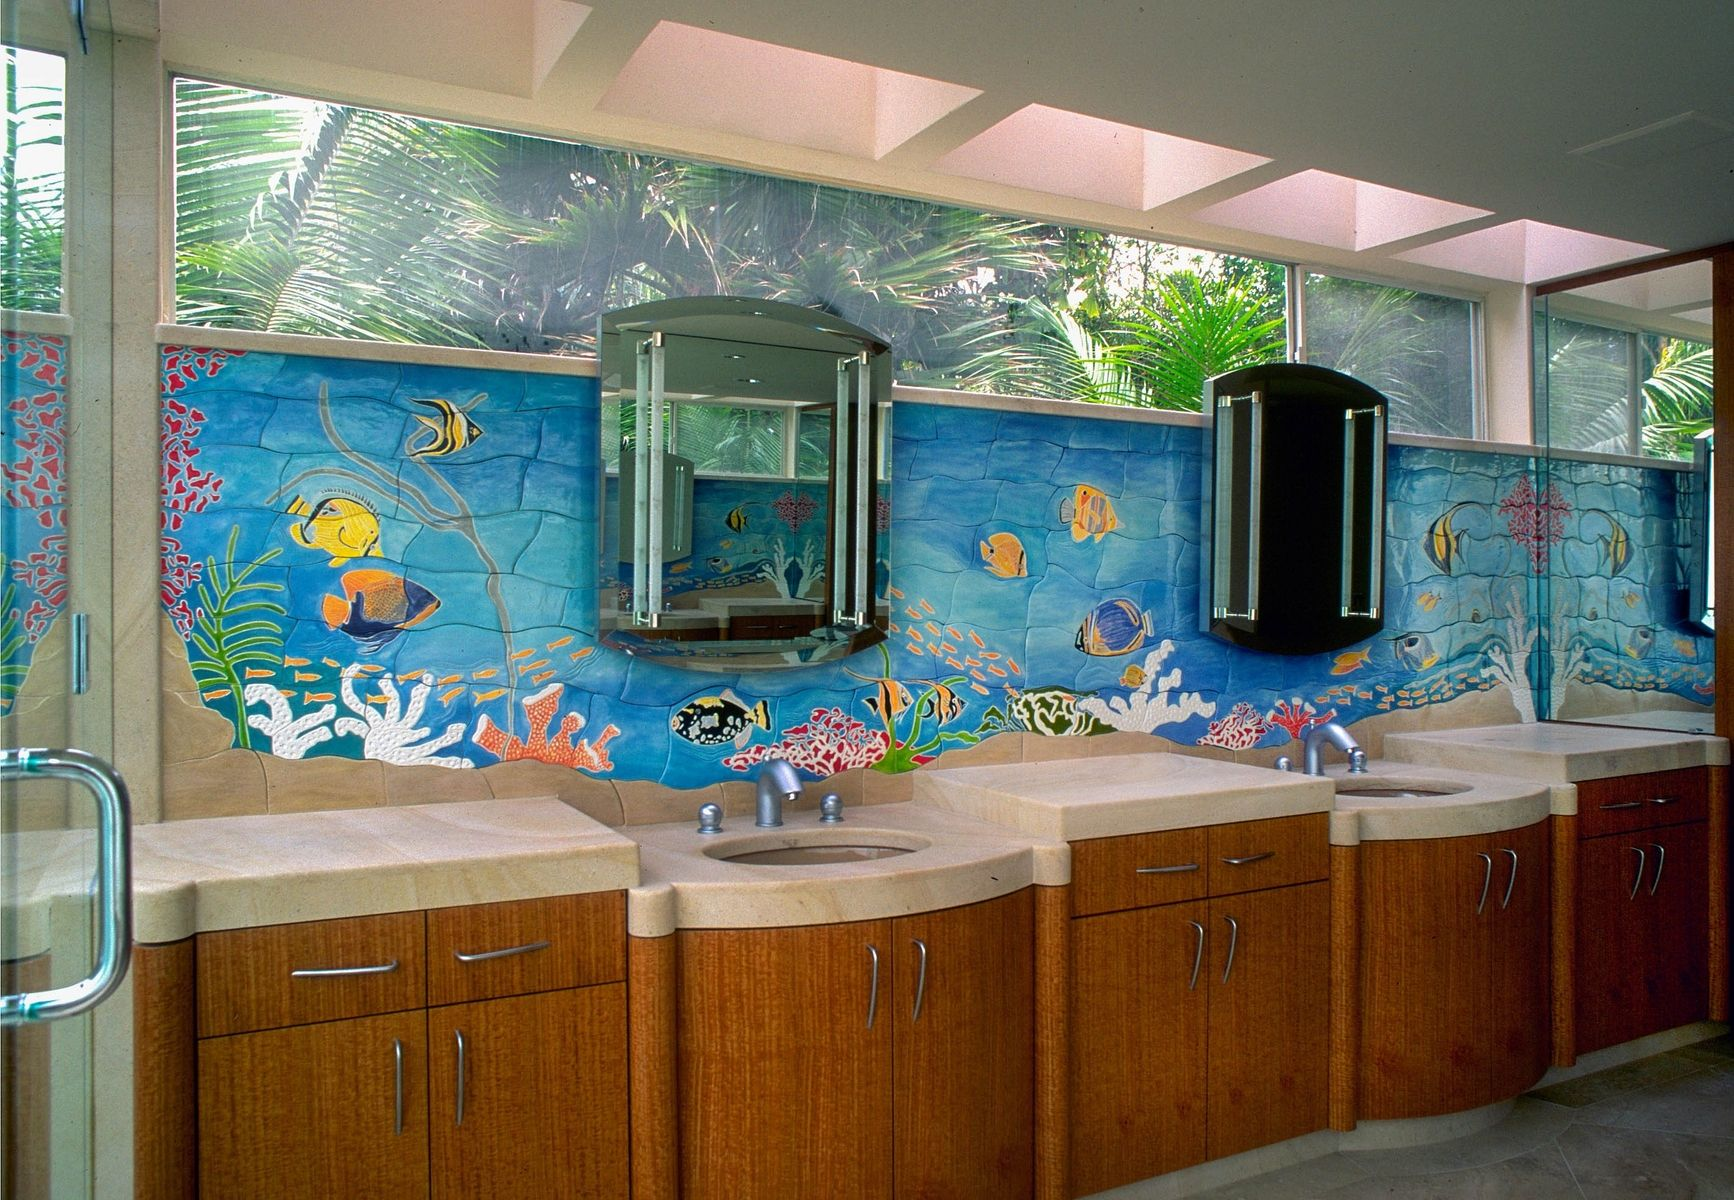 Bathroom Splash Fishing Bathroom Decor Fish Bathroom Tropical Bathroom Tropical fish bathroom decor